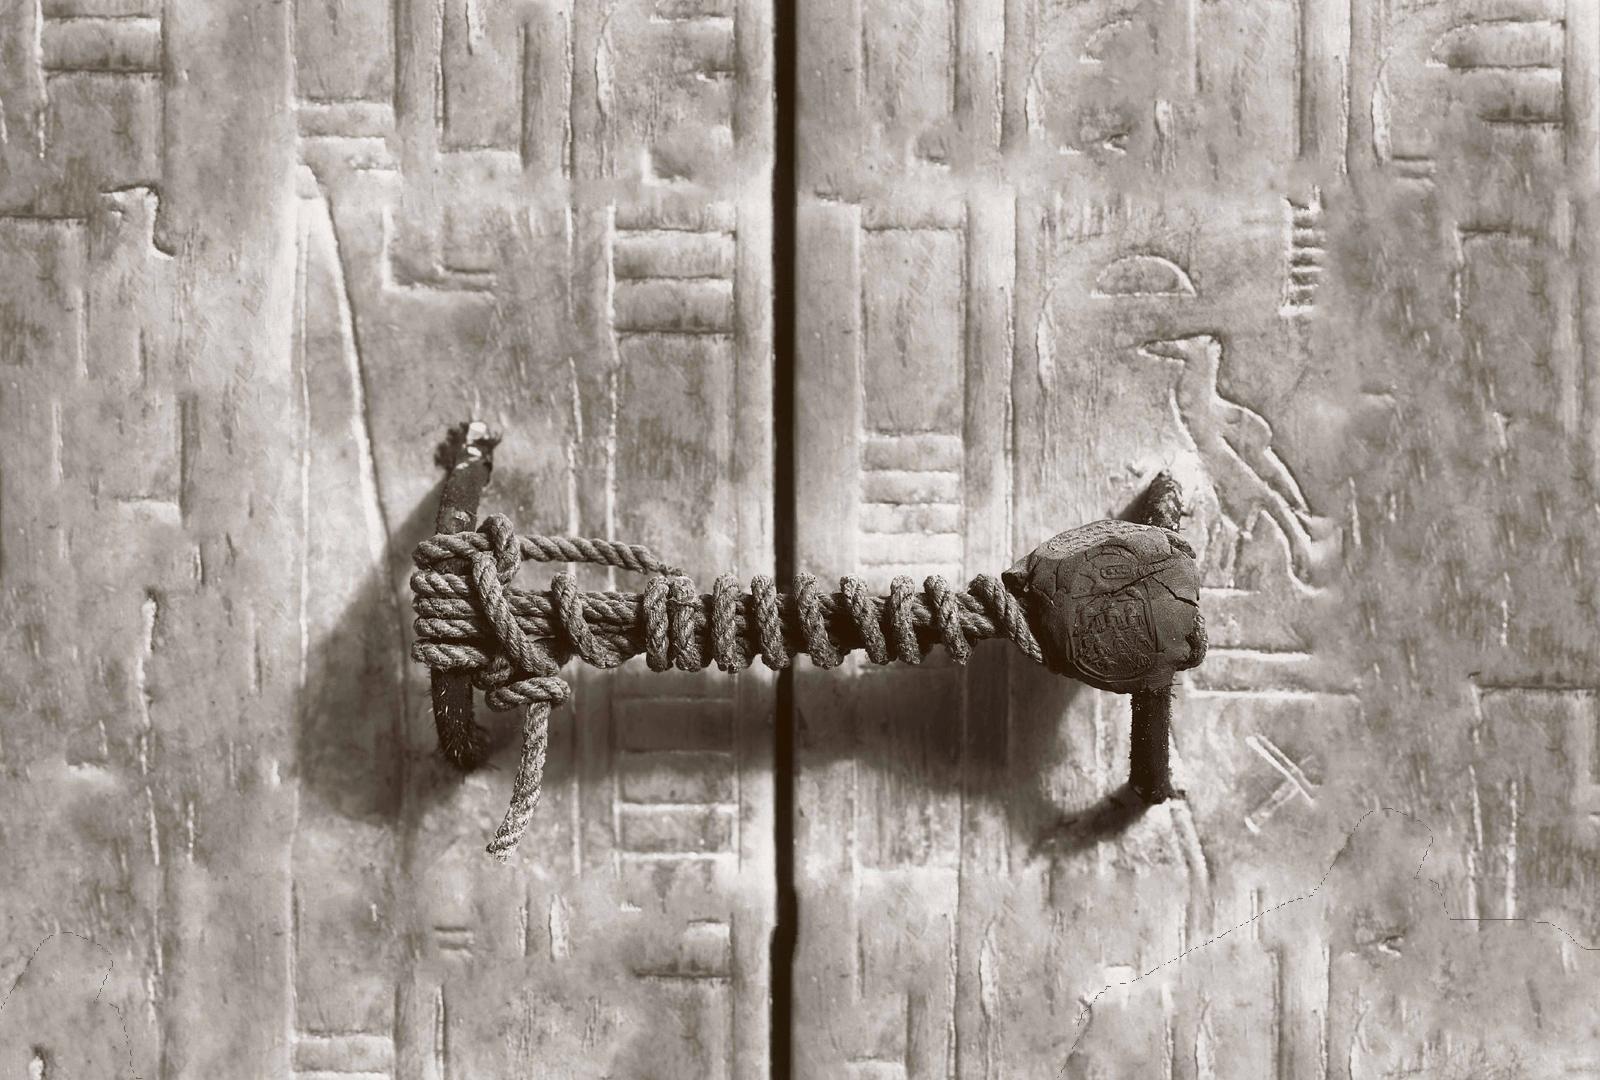 Breaking the seal on Tutankhamunu0027s tomb. & Breaking the seal on Tutankhamunu0027s tomb. - Museum of Artifacts